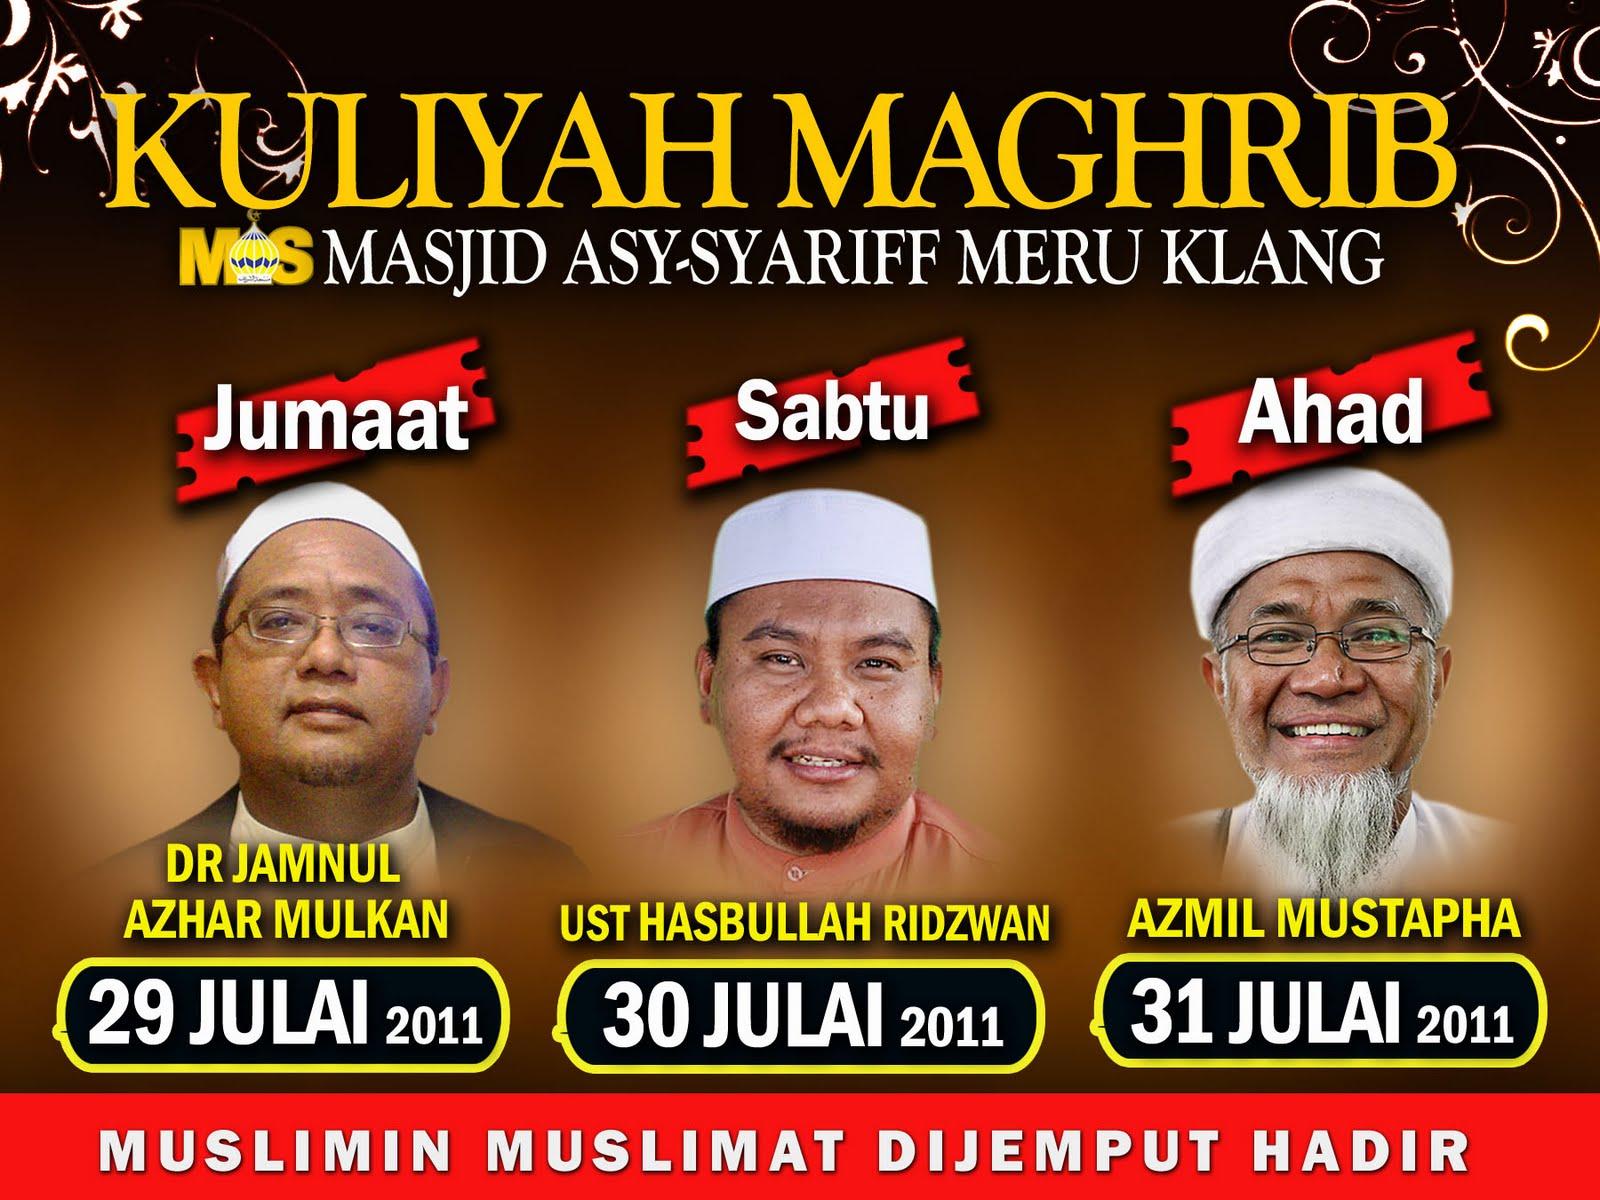 Kuliah Ramadhan di Masjid Asy Syarif Meru Klang www.mymaktabaty.com